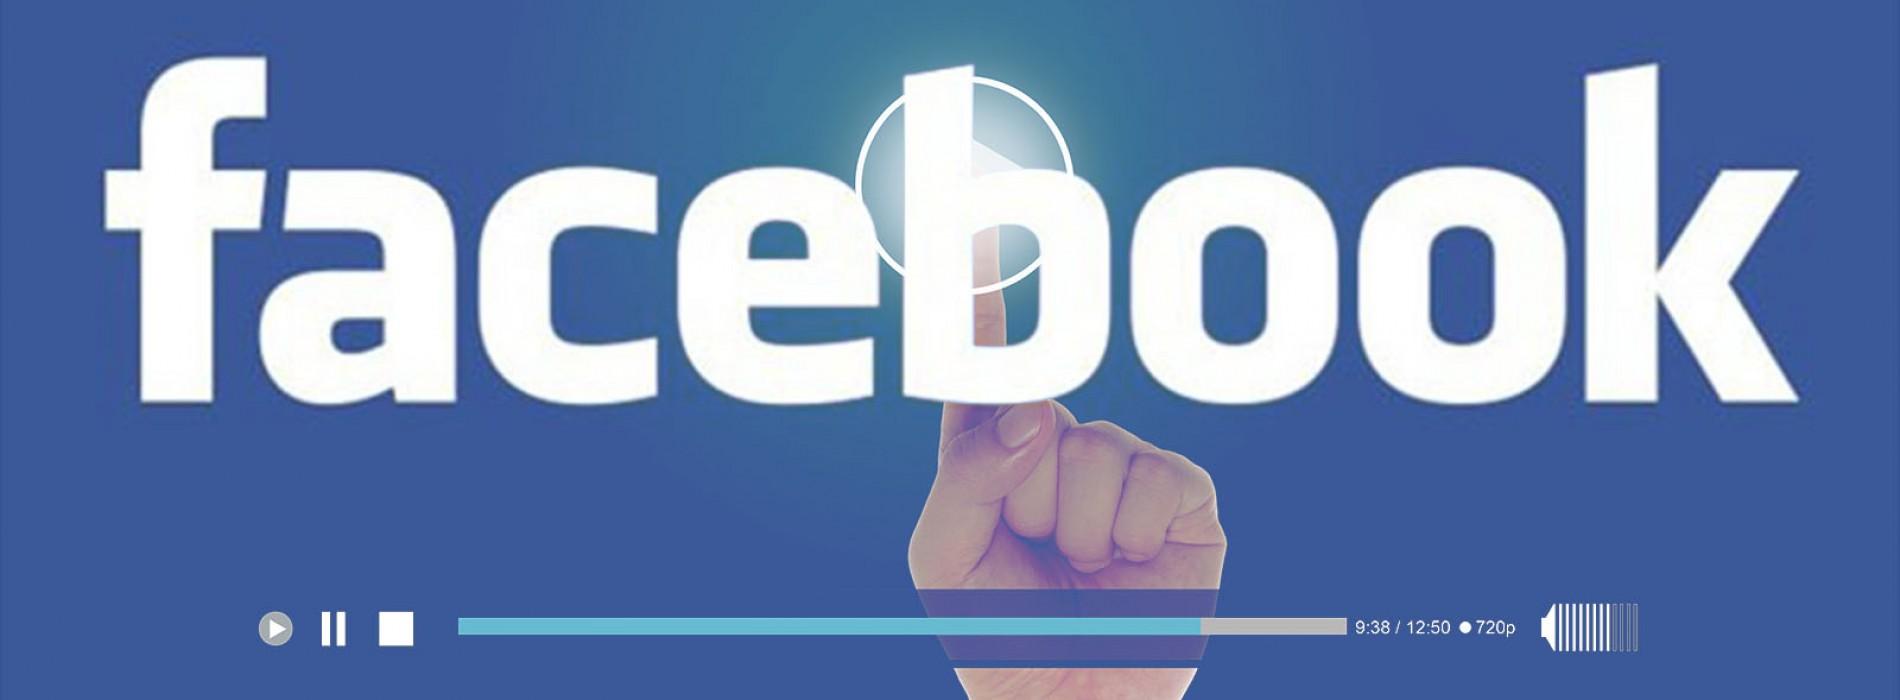 Facebooktan Video Nasıl İndirilir?